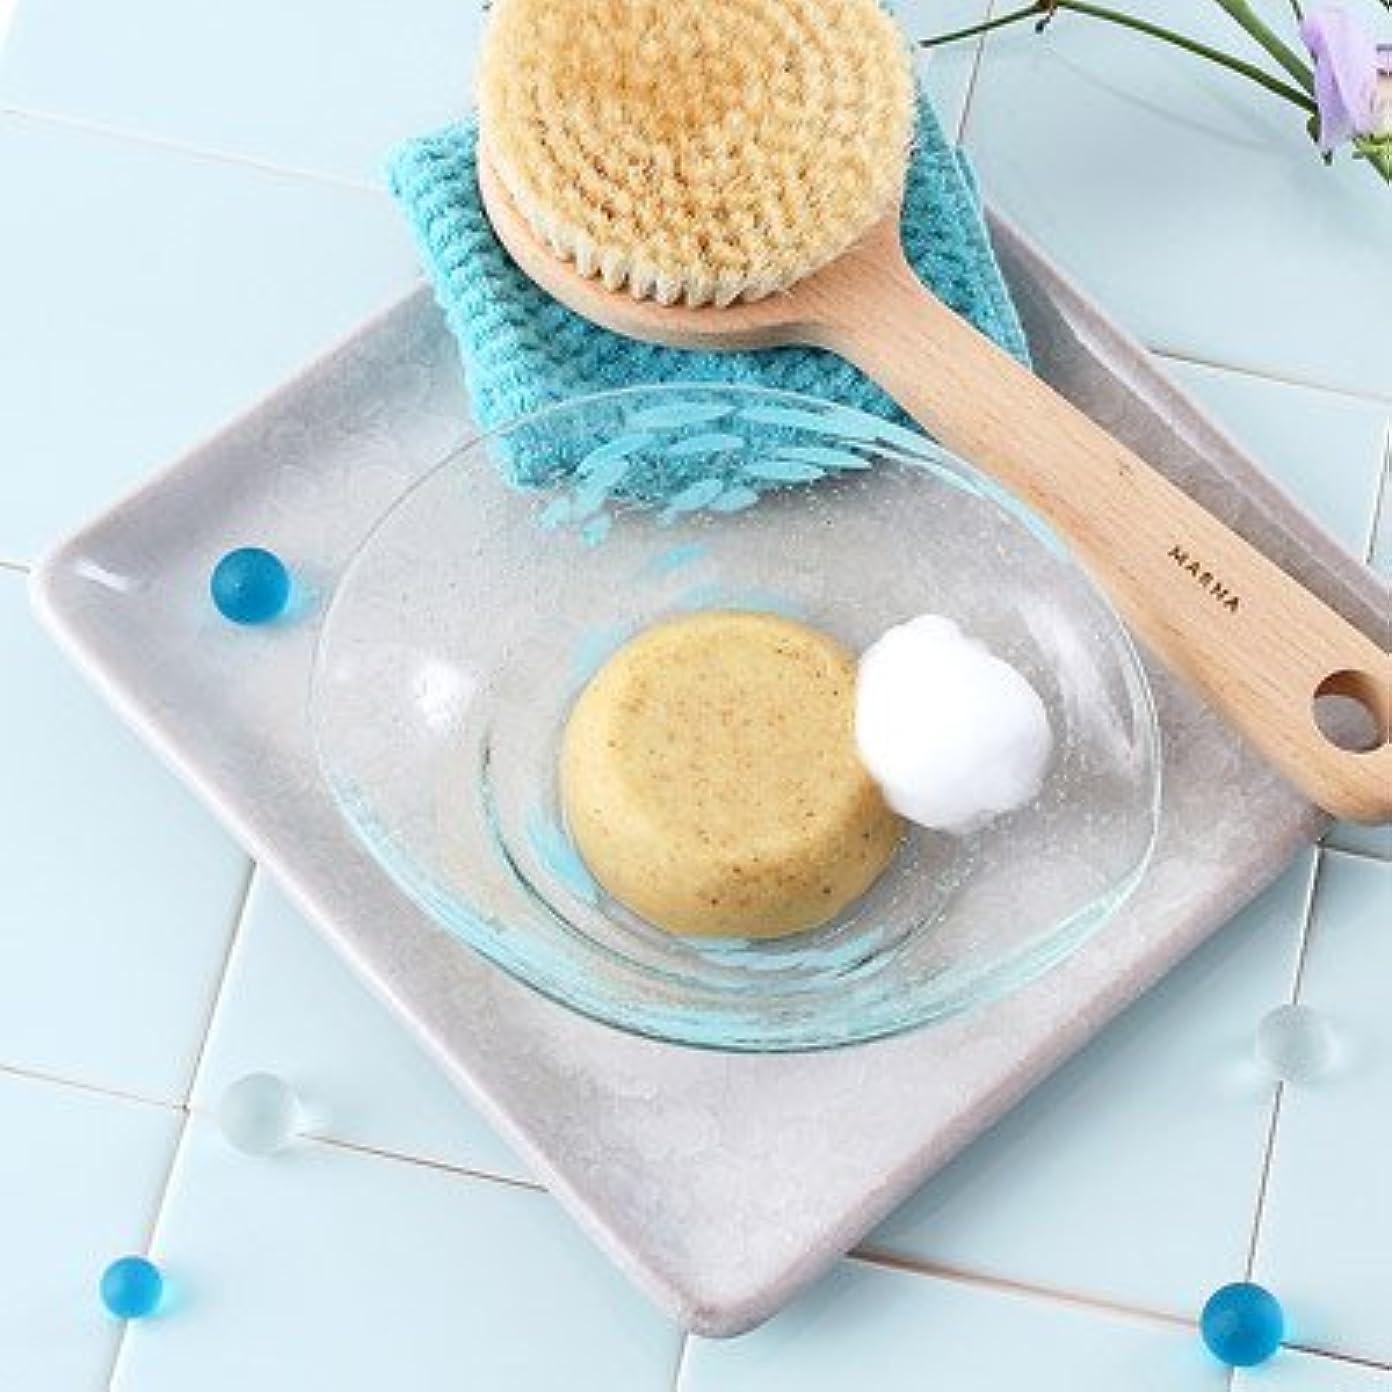 フルーツ30品や蜂蜜で作られた石鹸 38プレミアム